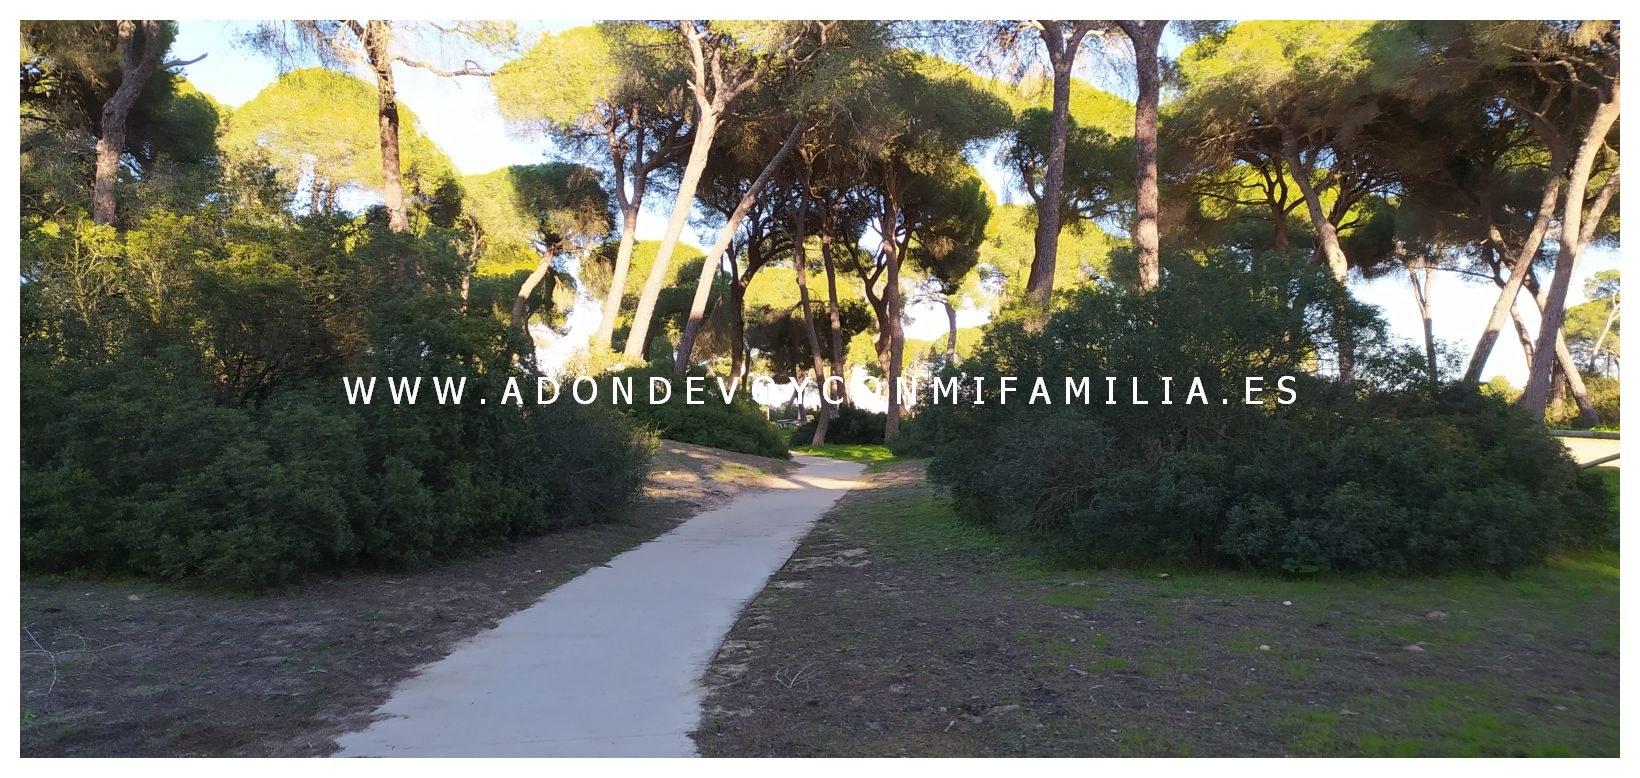 area-recreativa-la-ermita-adondevoyconmifamilia-11